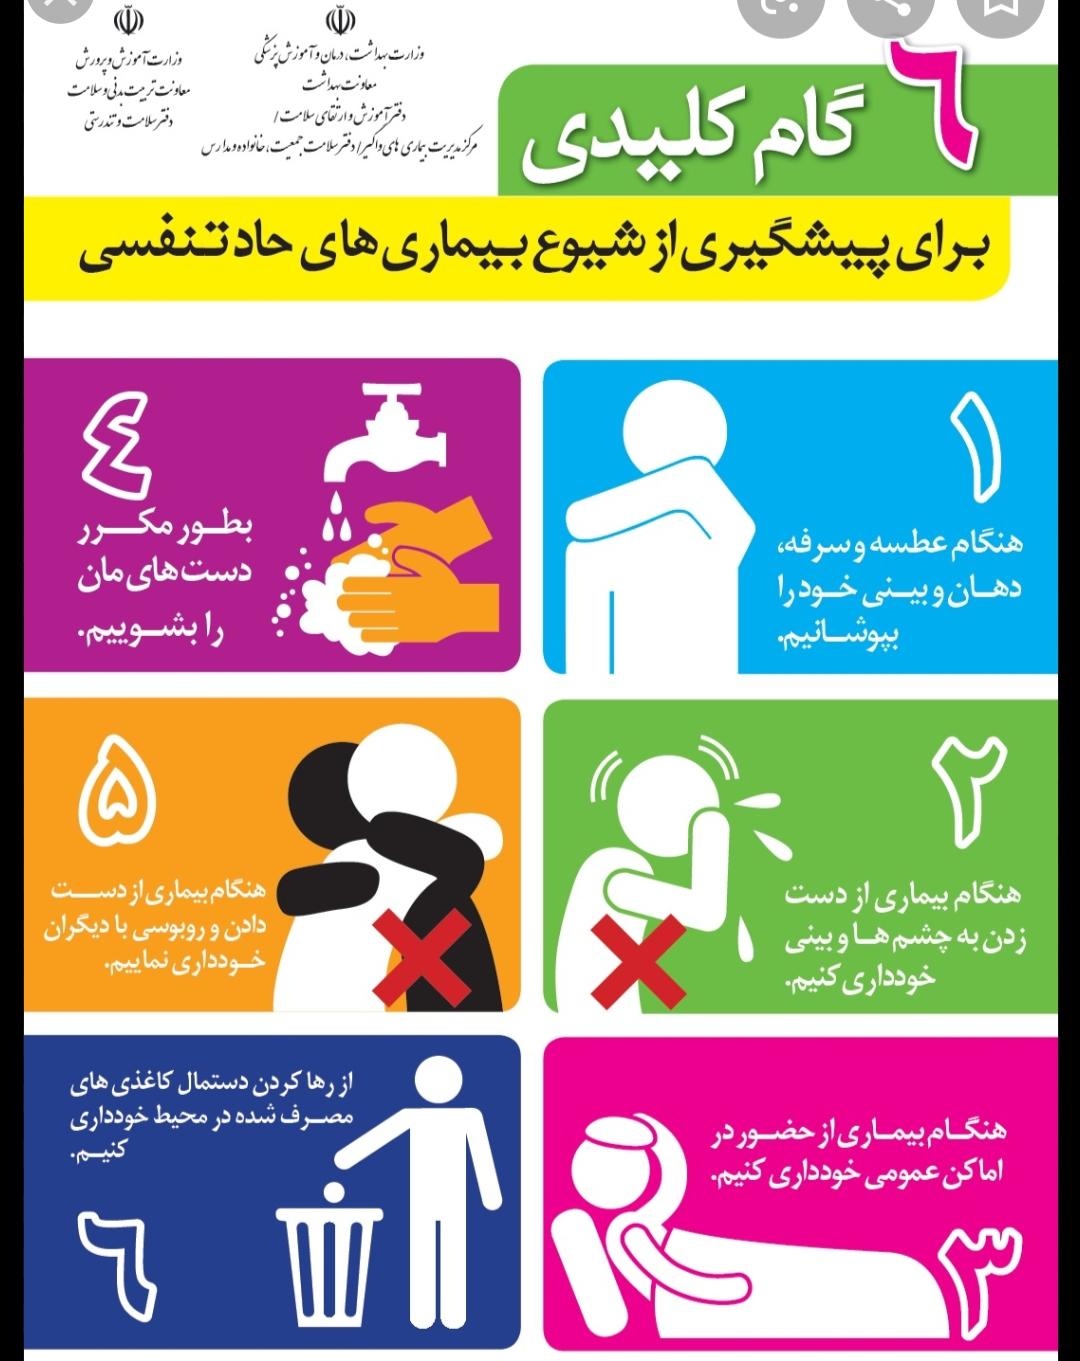 توصیه های بهداشتی درخصوص پیشگیری ازآنفلوانزا وبیماریهای تنفسی